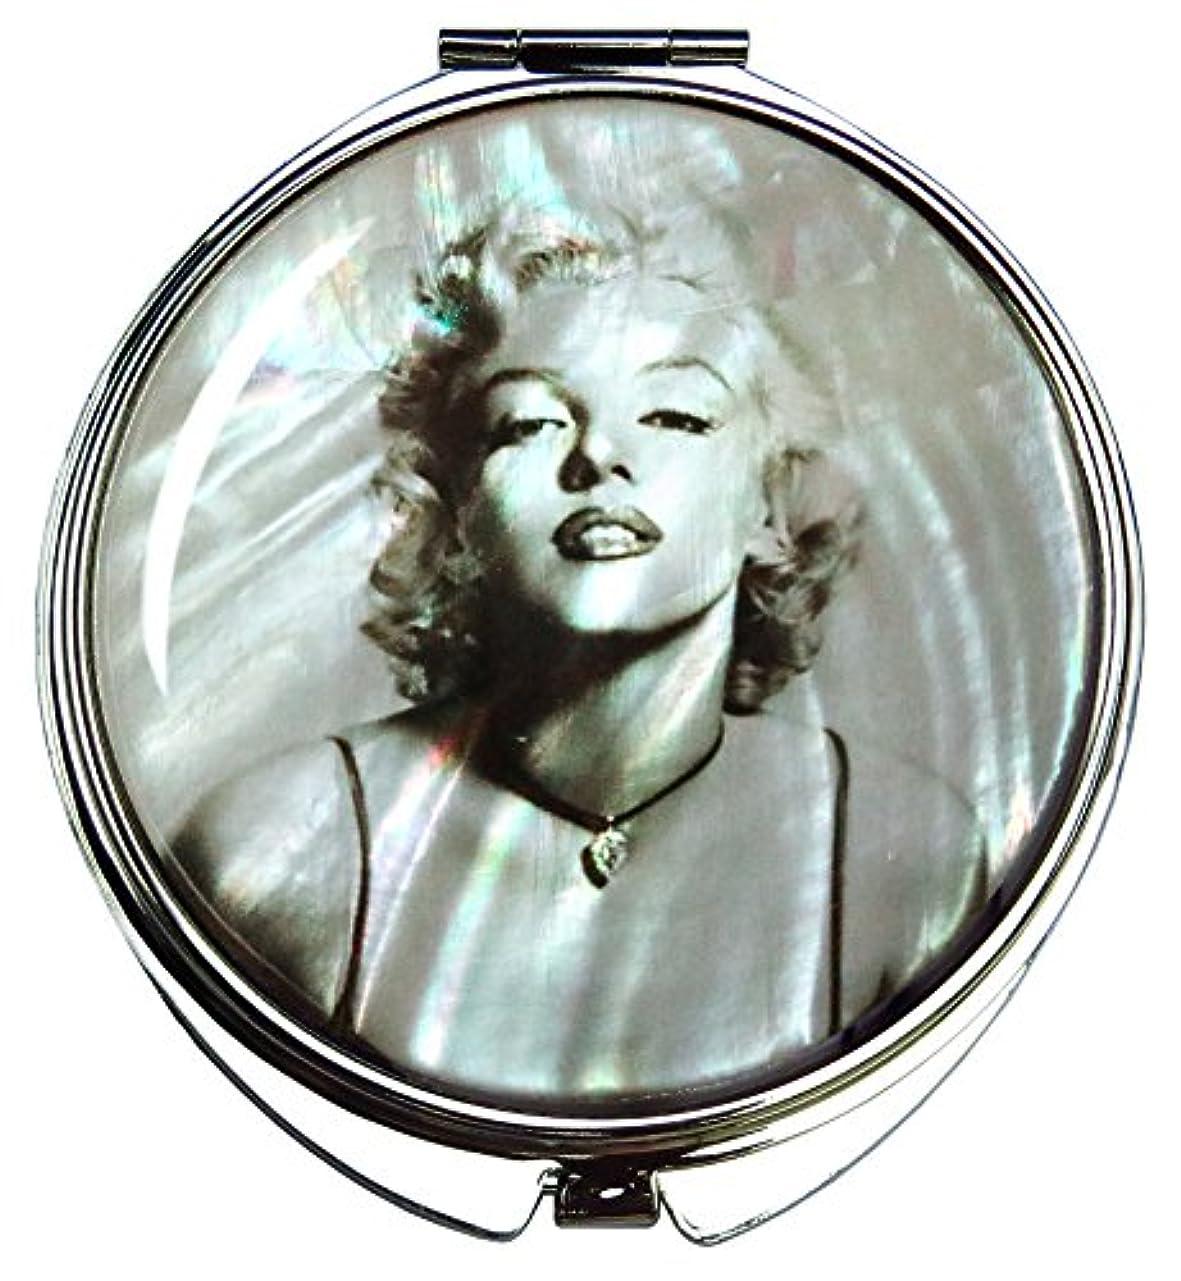 置くためにパック陰気はぁマリリン・モンローの螺鈿(らでん)の金属デュアルコンパクトな折りたたみと拡大の化粧鏡 灰色 [並行輸入品]